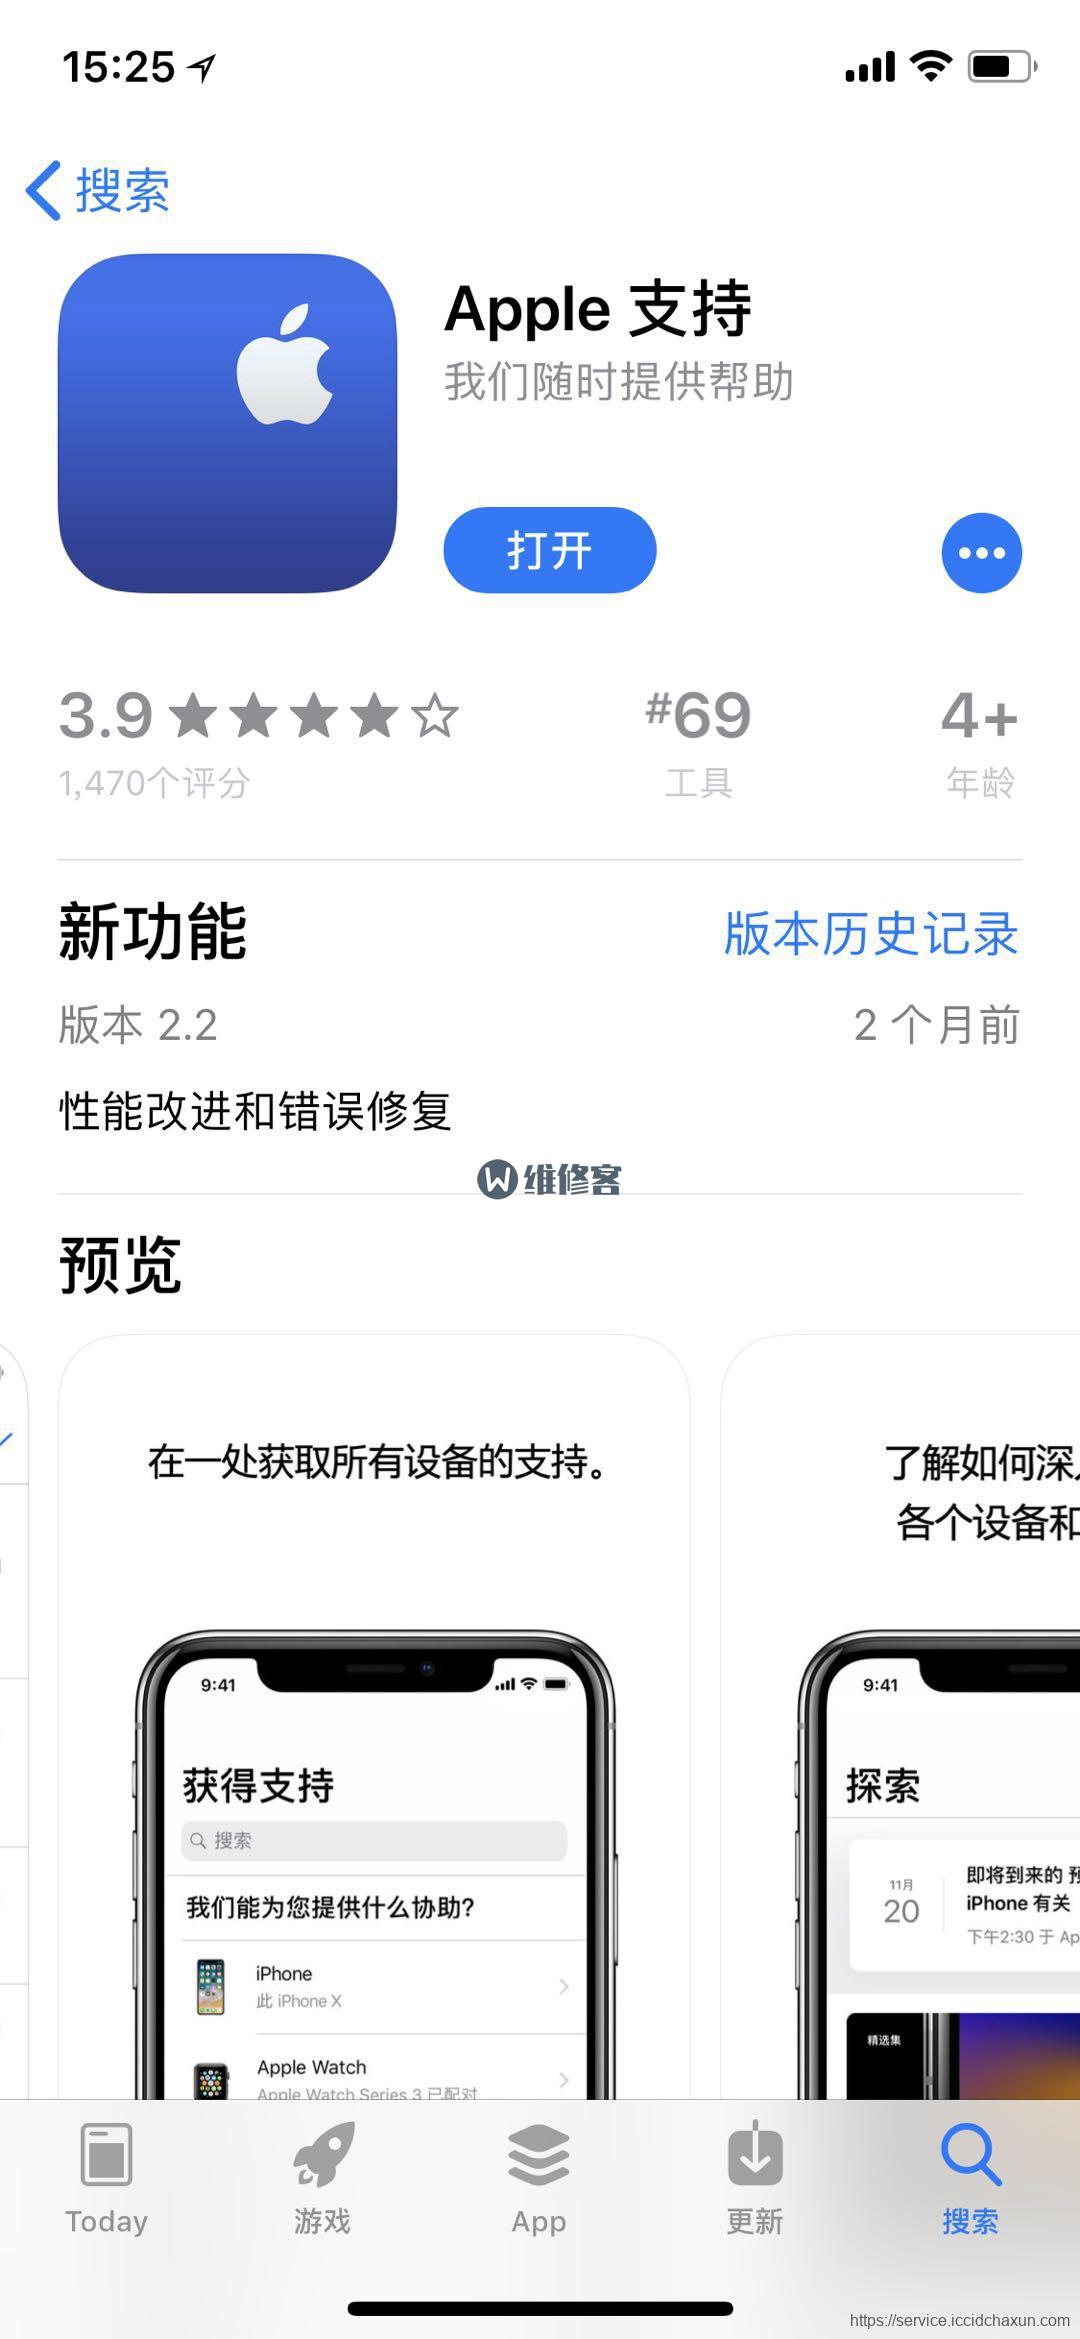 Apple支持怎么预约iphone维修-苹果维修网